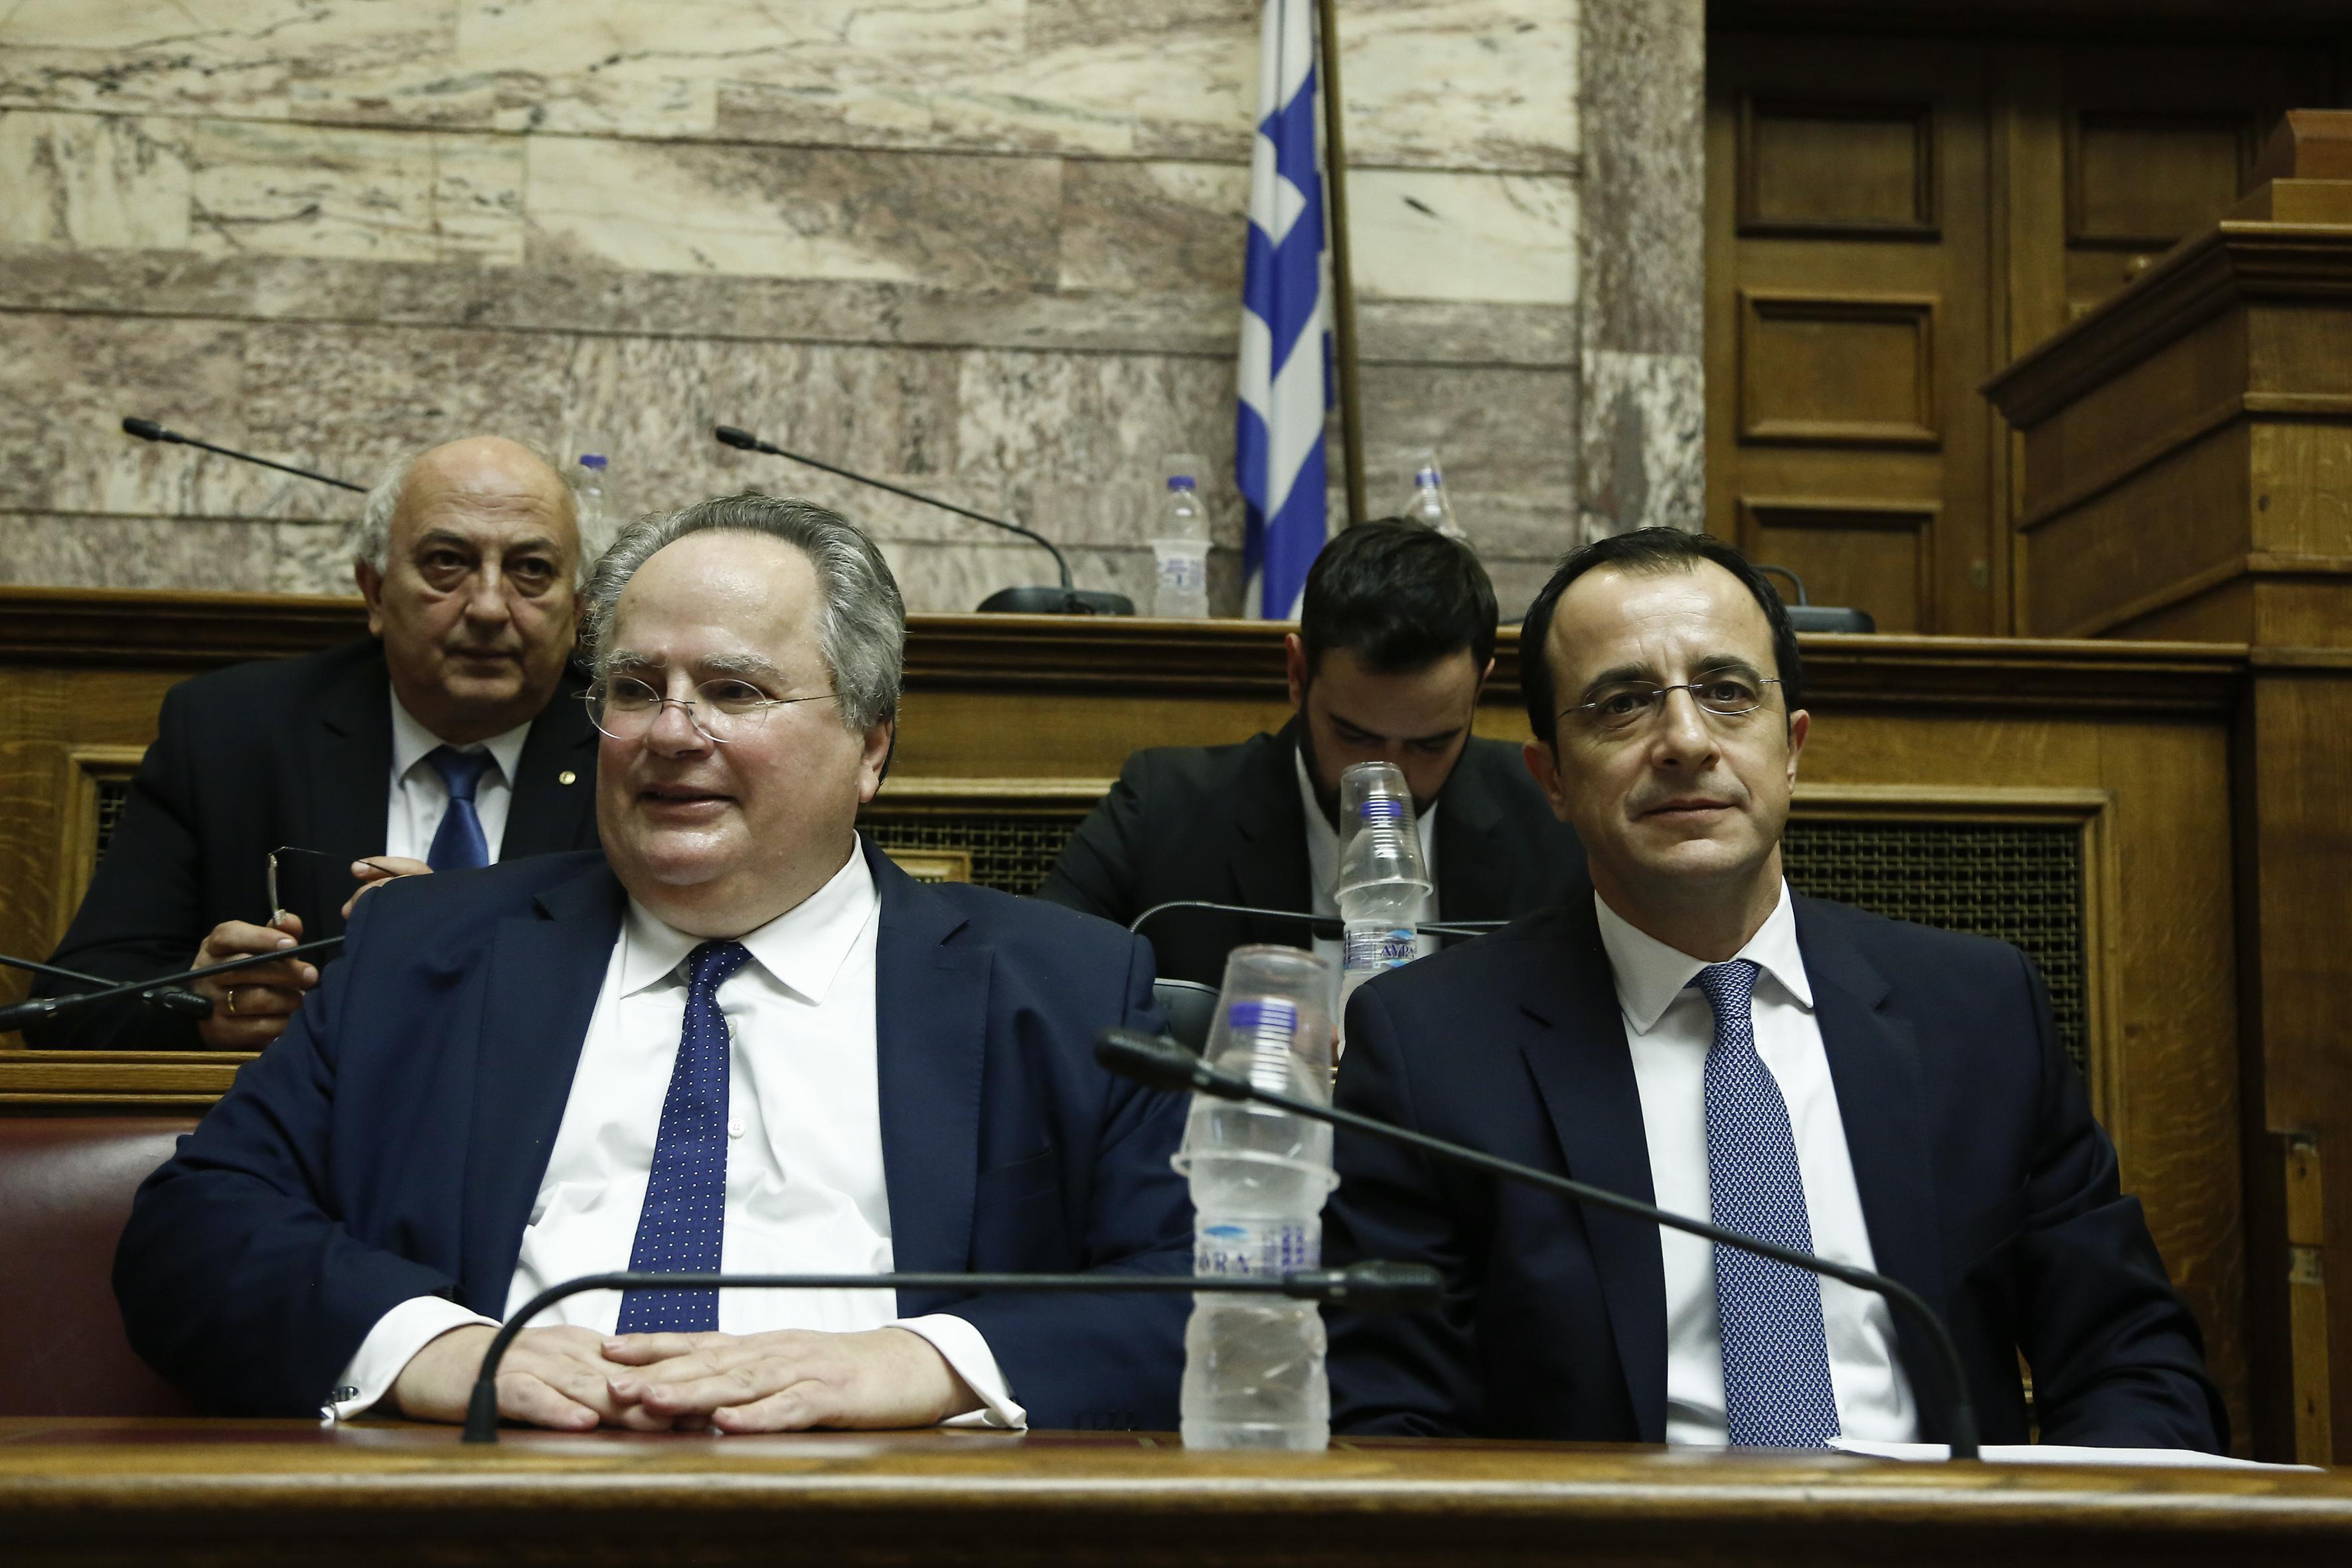 Επιτροπή Εξωτερικών της Βουλής: Προβληματισμός για την εξέλιξη της υπόθεσης των δυο στρατιωτικών   tovima.gr